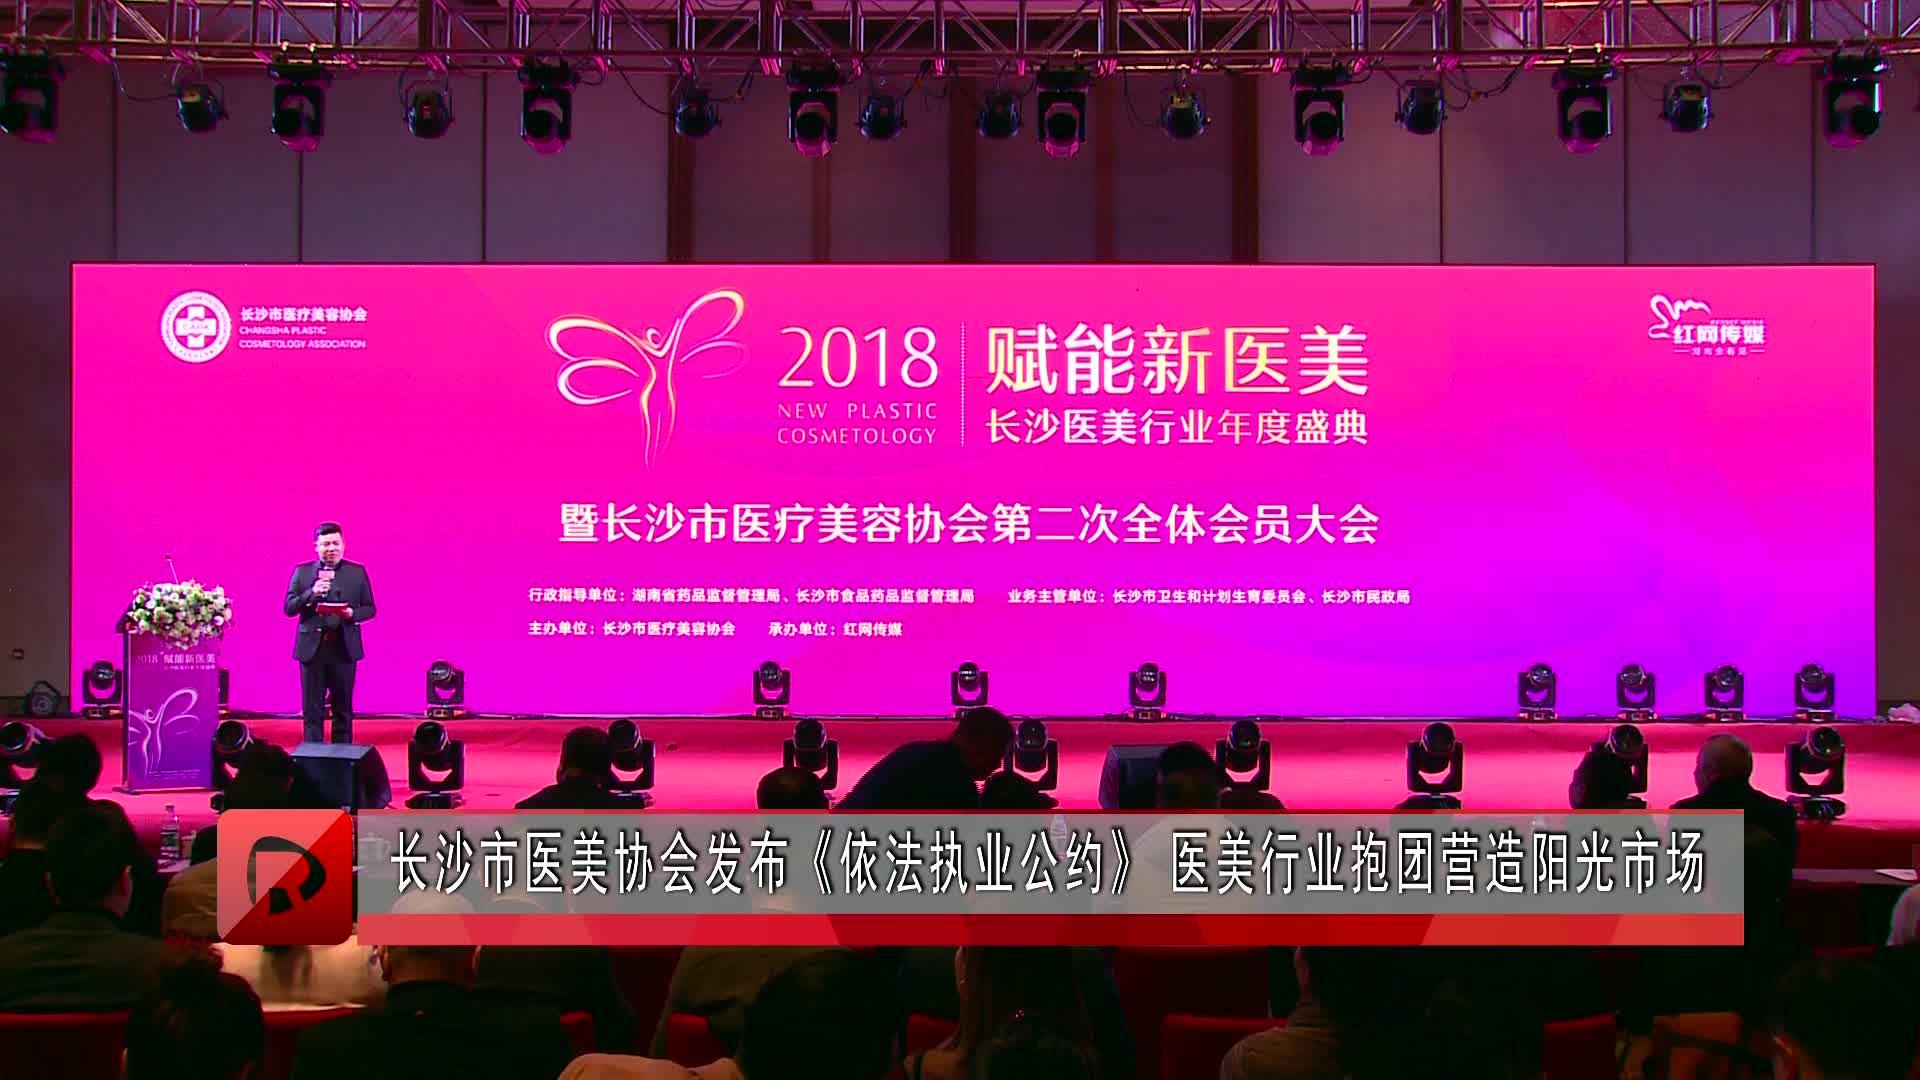 长沙市医美协会发布《依法执业公约》 医美行业抱团营造阳光市场